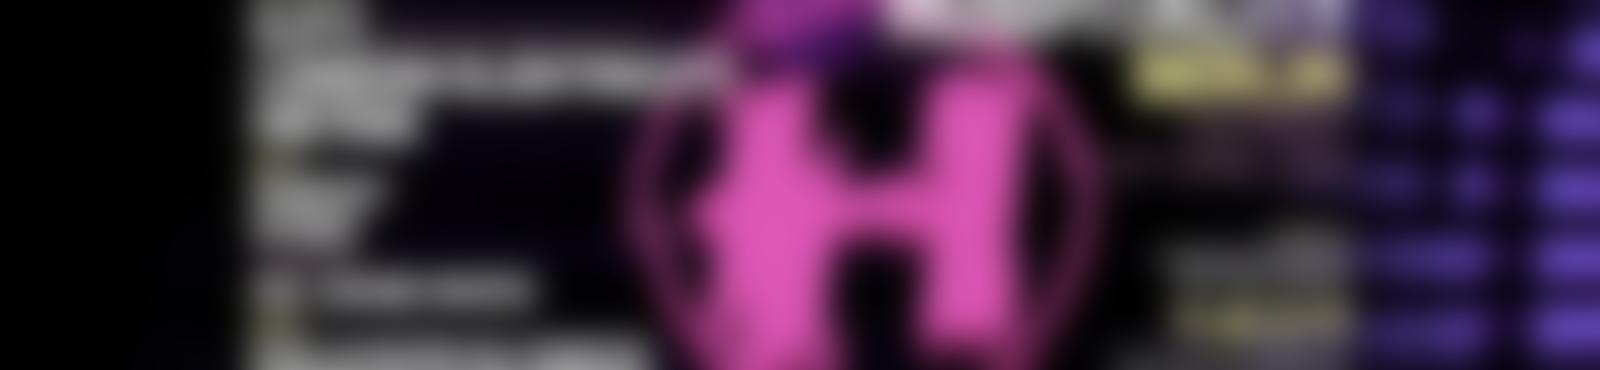 Blurred 53bad745 81fc 416b 99cf 46464e5a7c5f